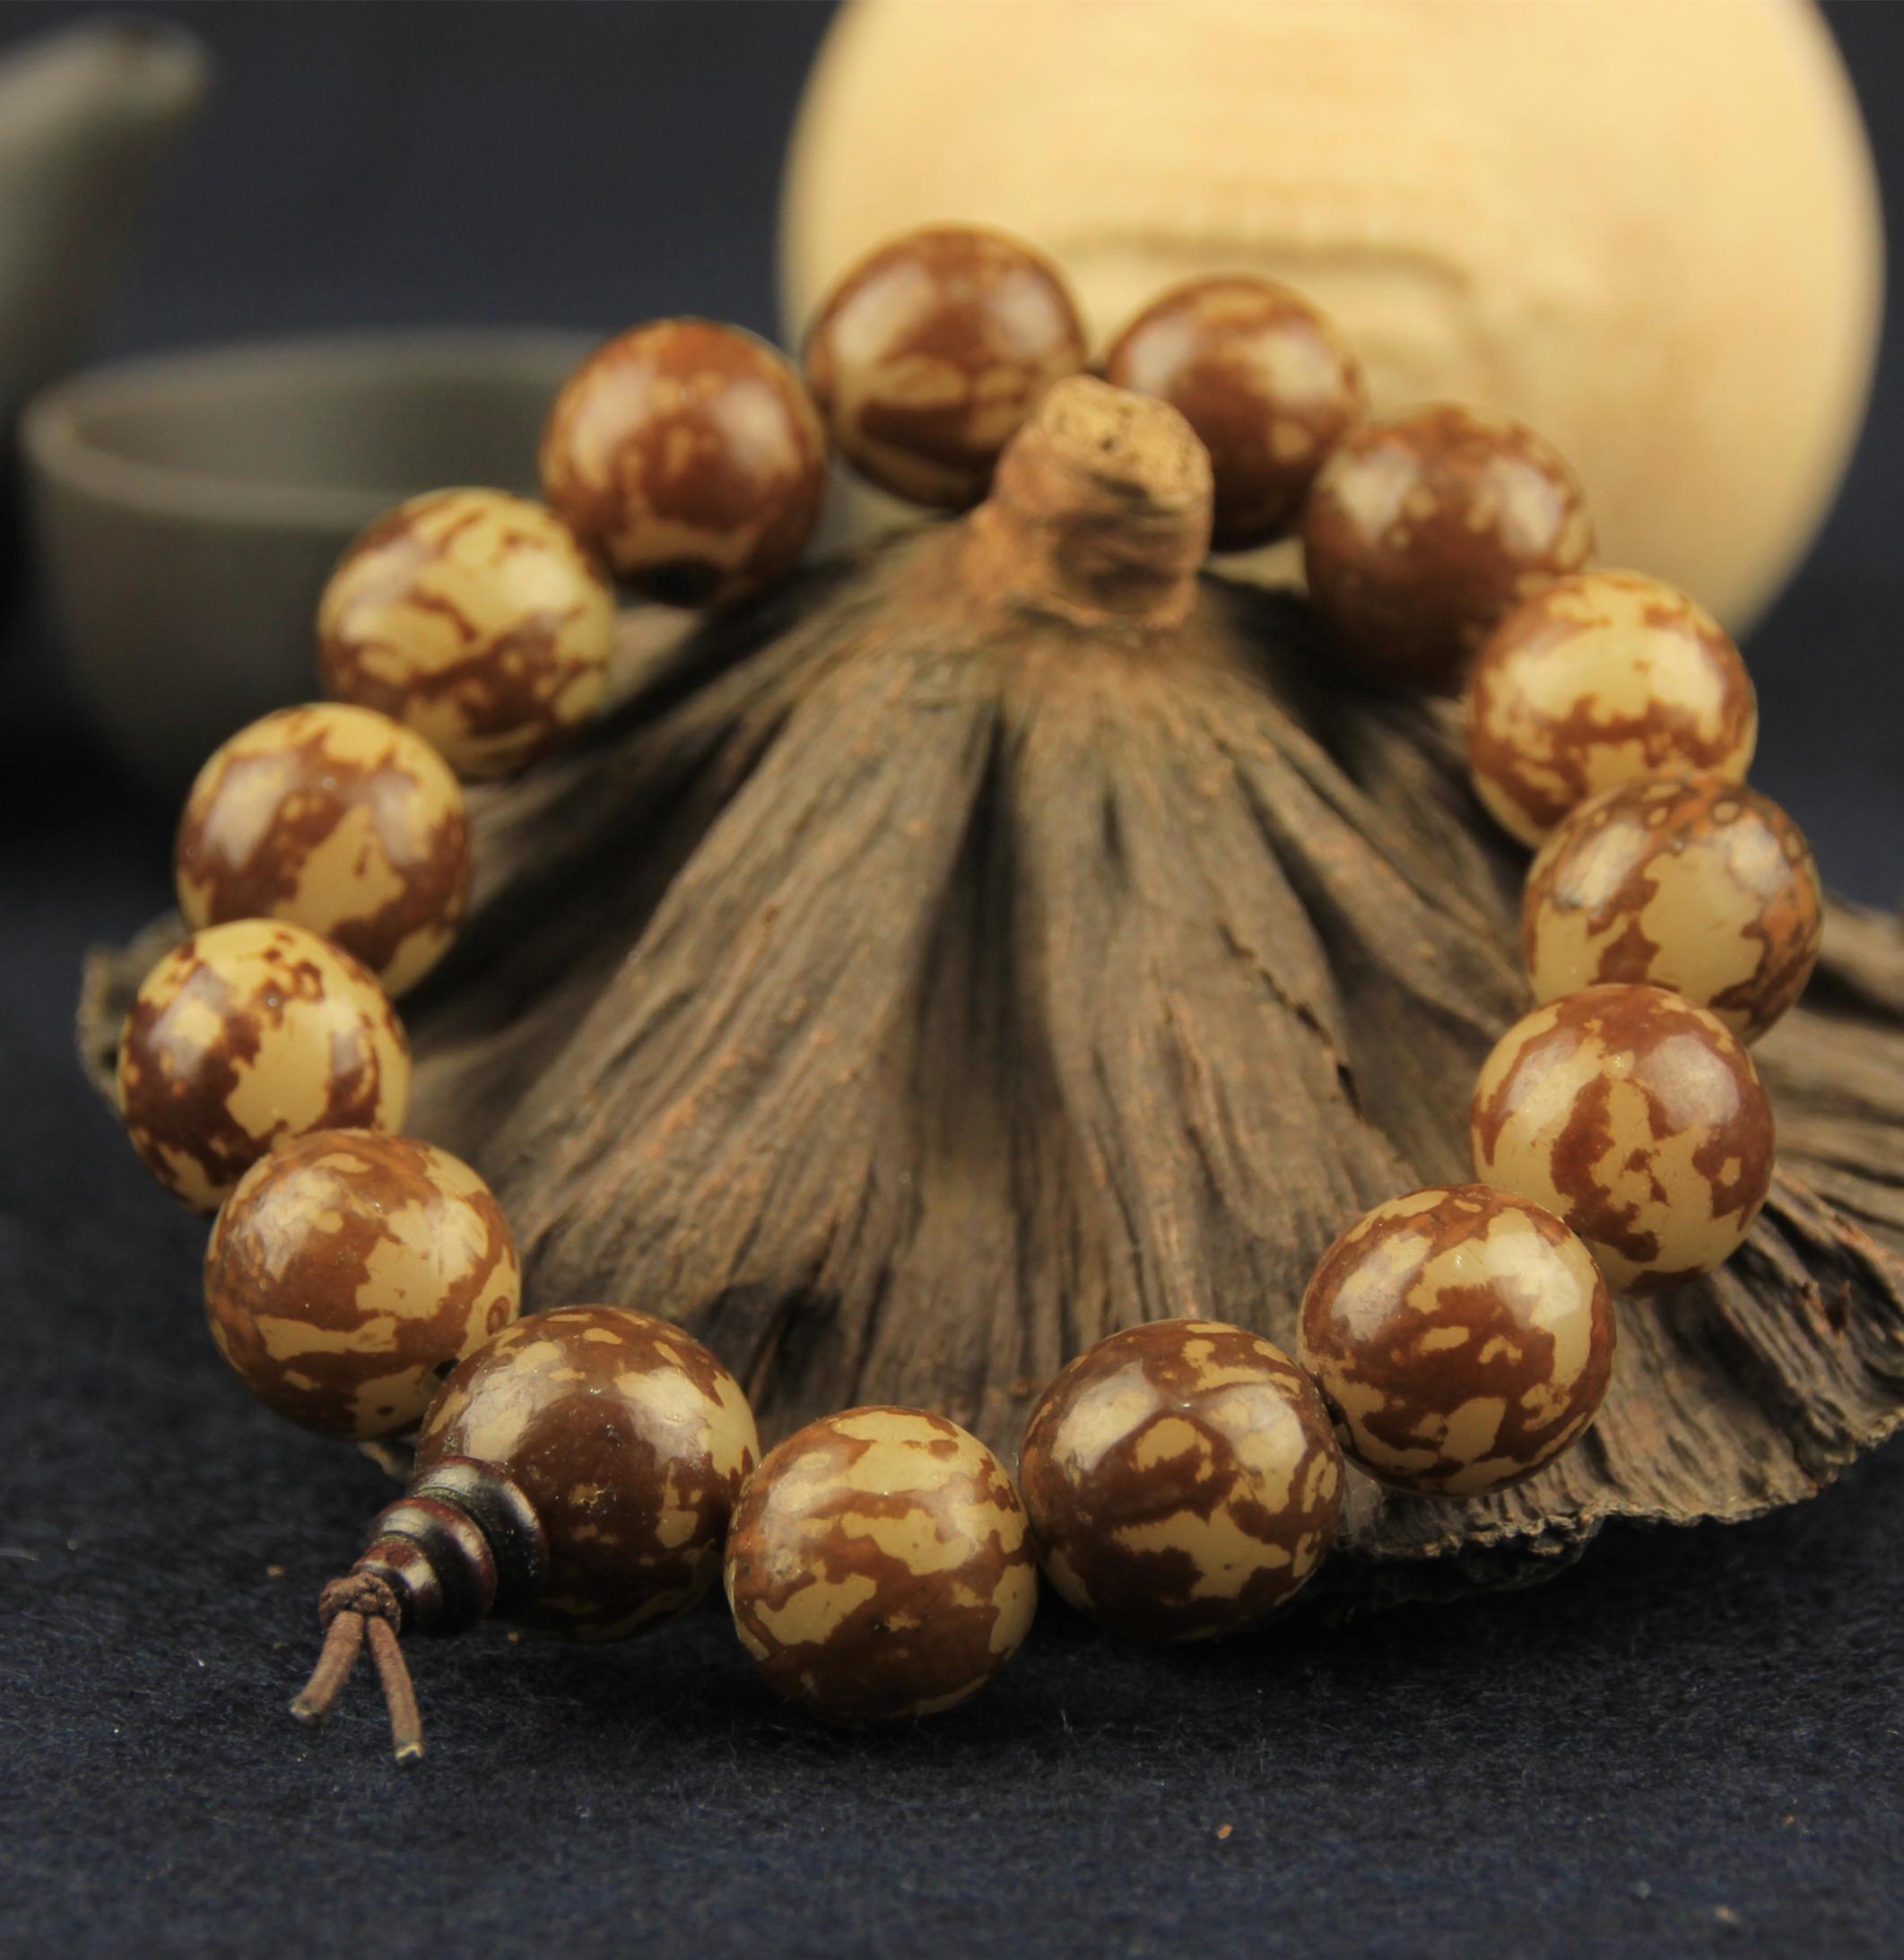 莲花菩提子饰品夏季男女款念珠佛珠手串天然正宗打磨菩提根手链